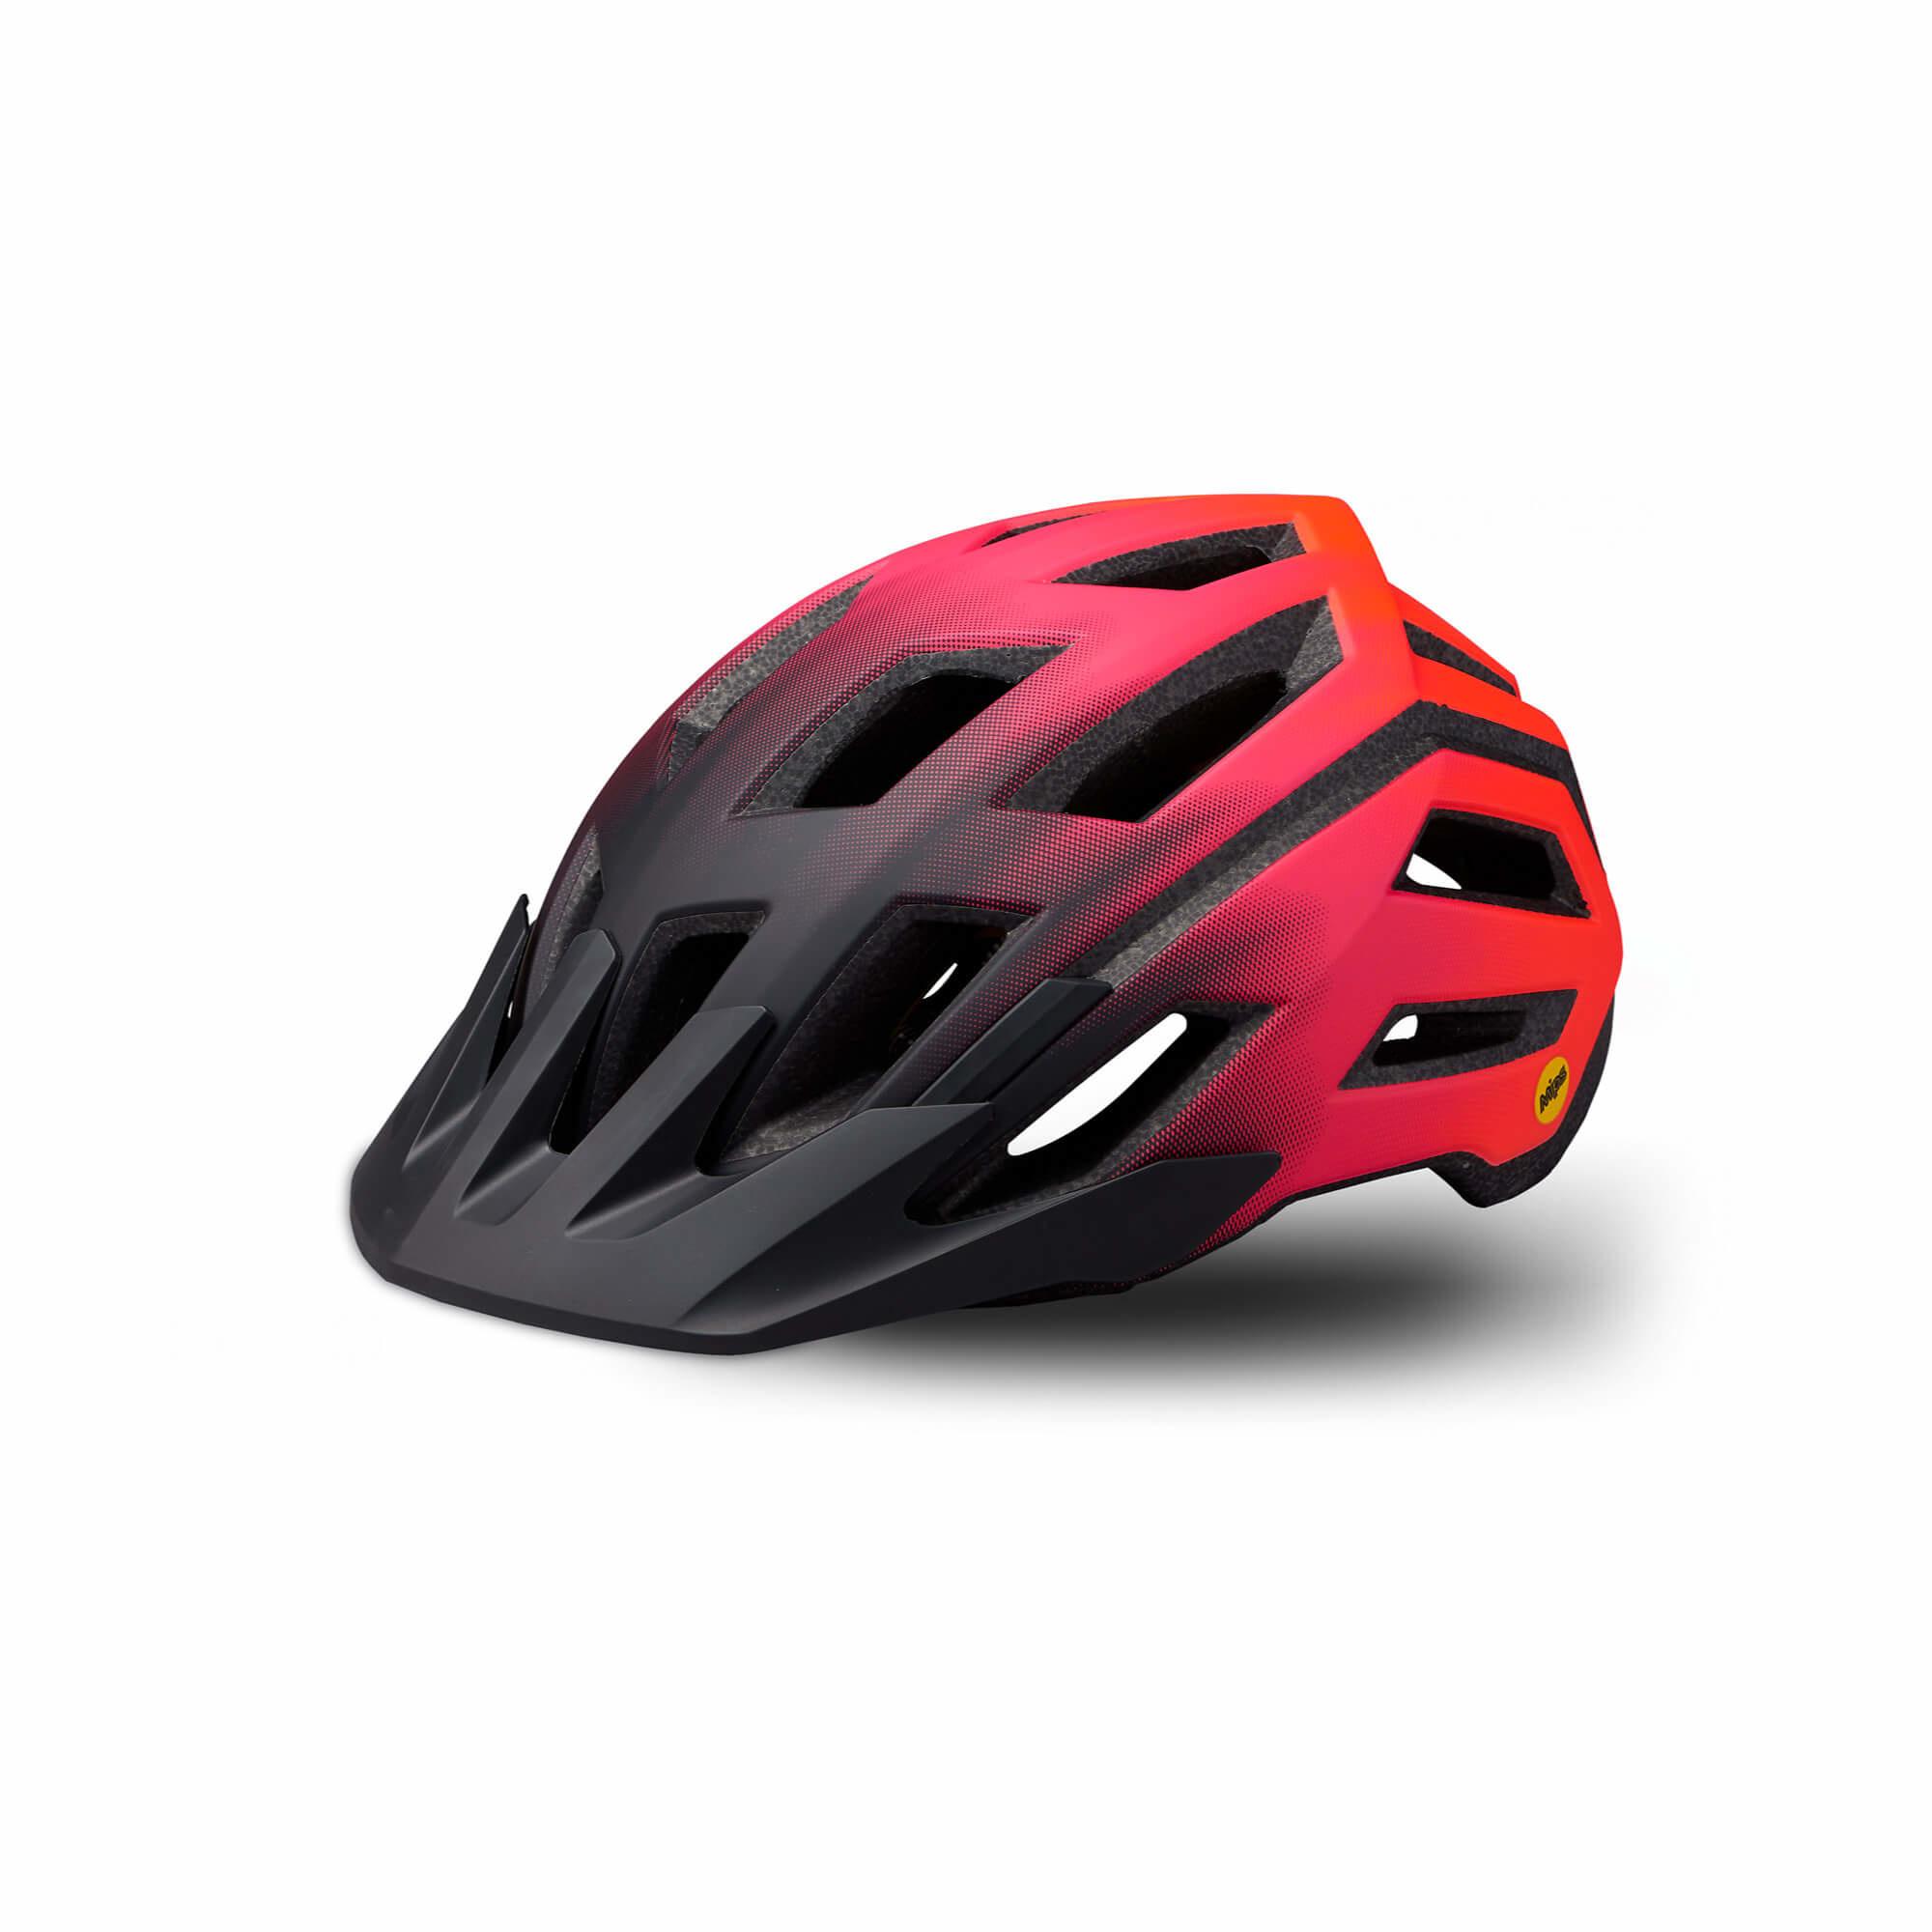 Tactic 3 Helmet Mips-2